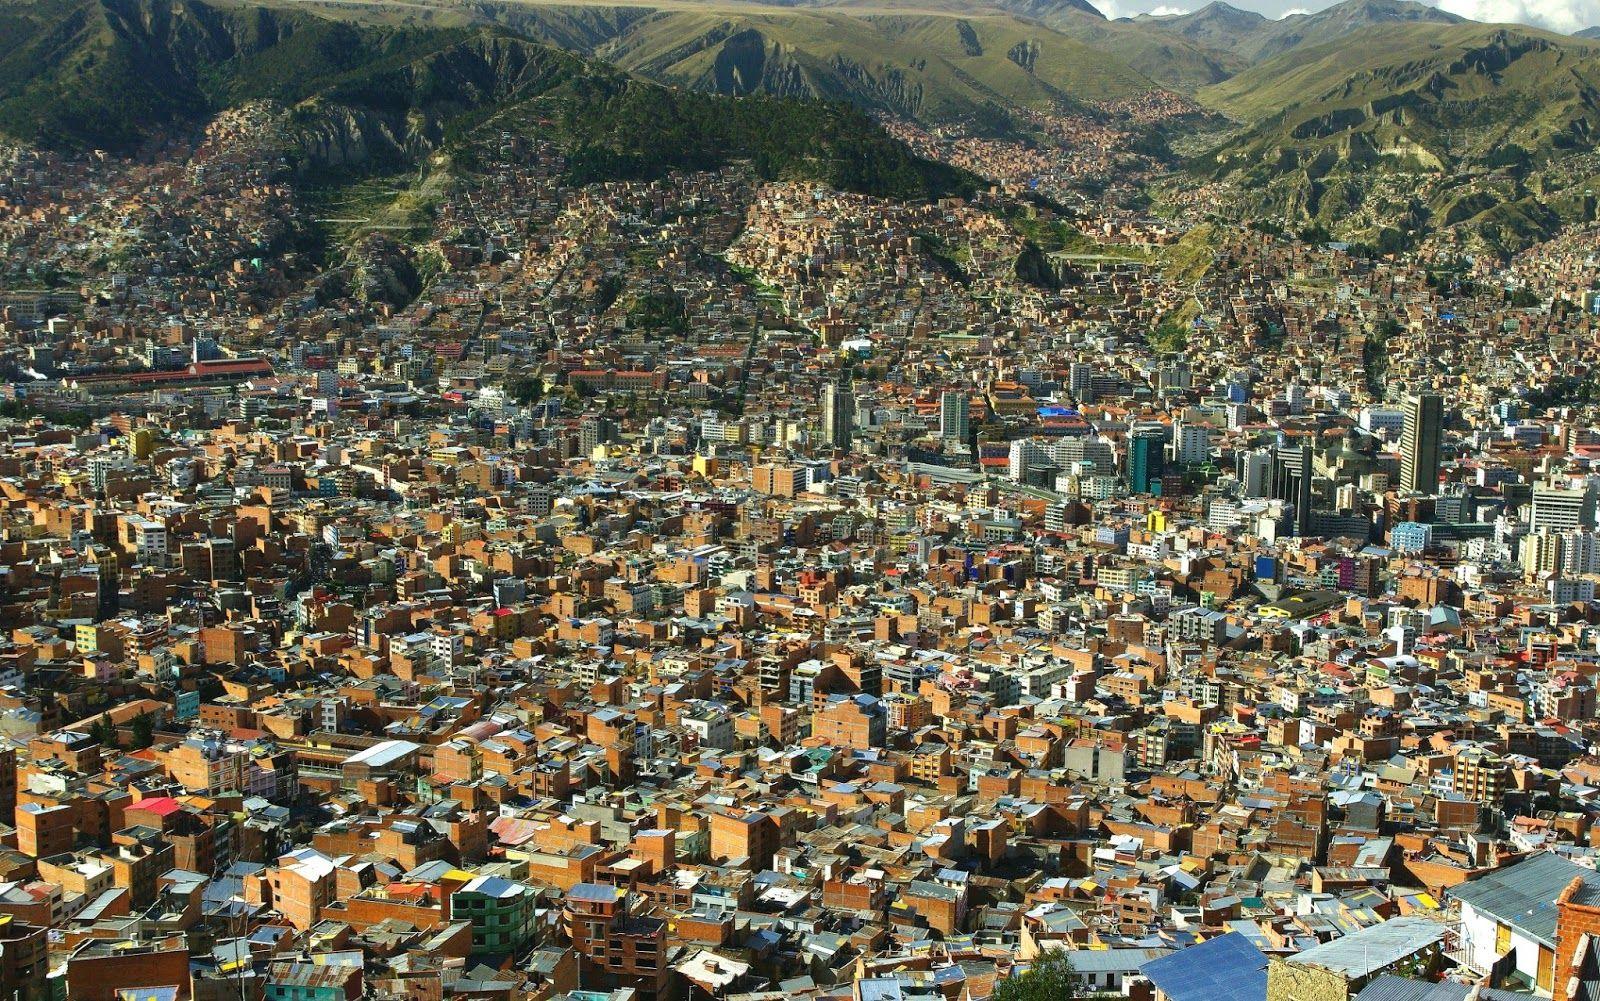 Voyage Bolivia South America Santa Cruz El Alto La Paz Cochabamba Sucre Travel Adventures Photo South America Bolivia City Photo